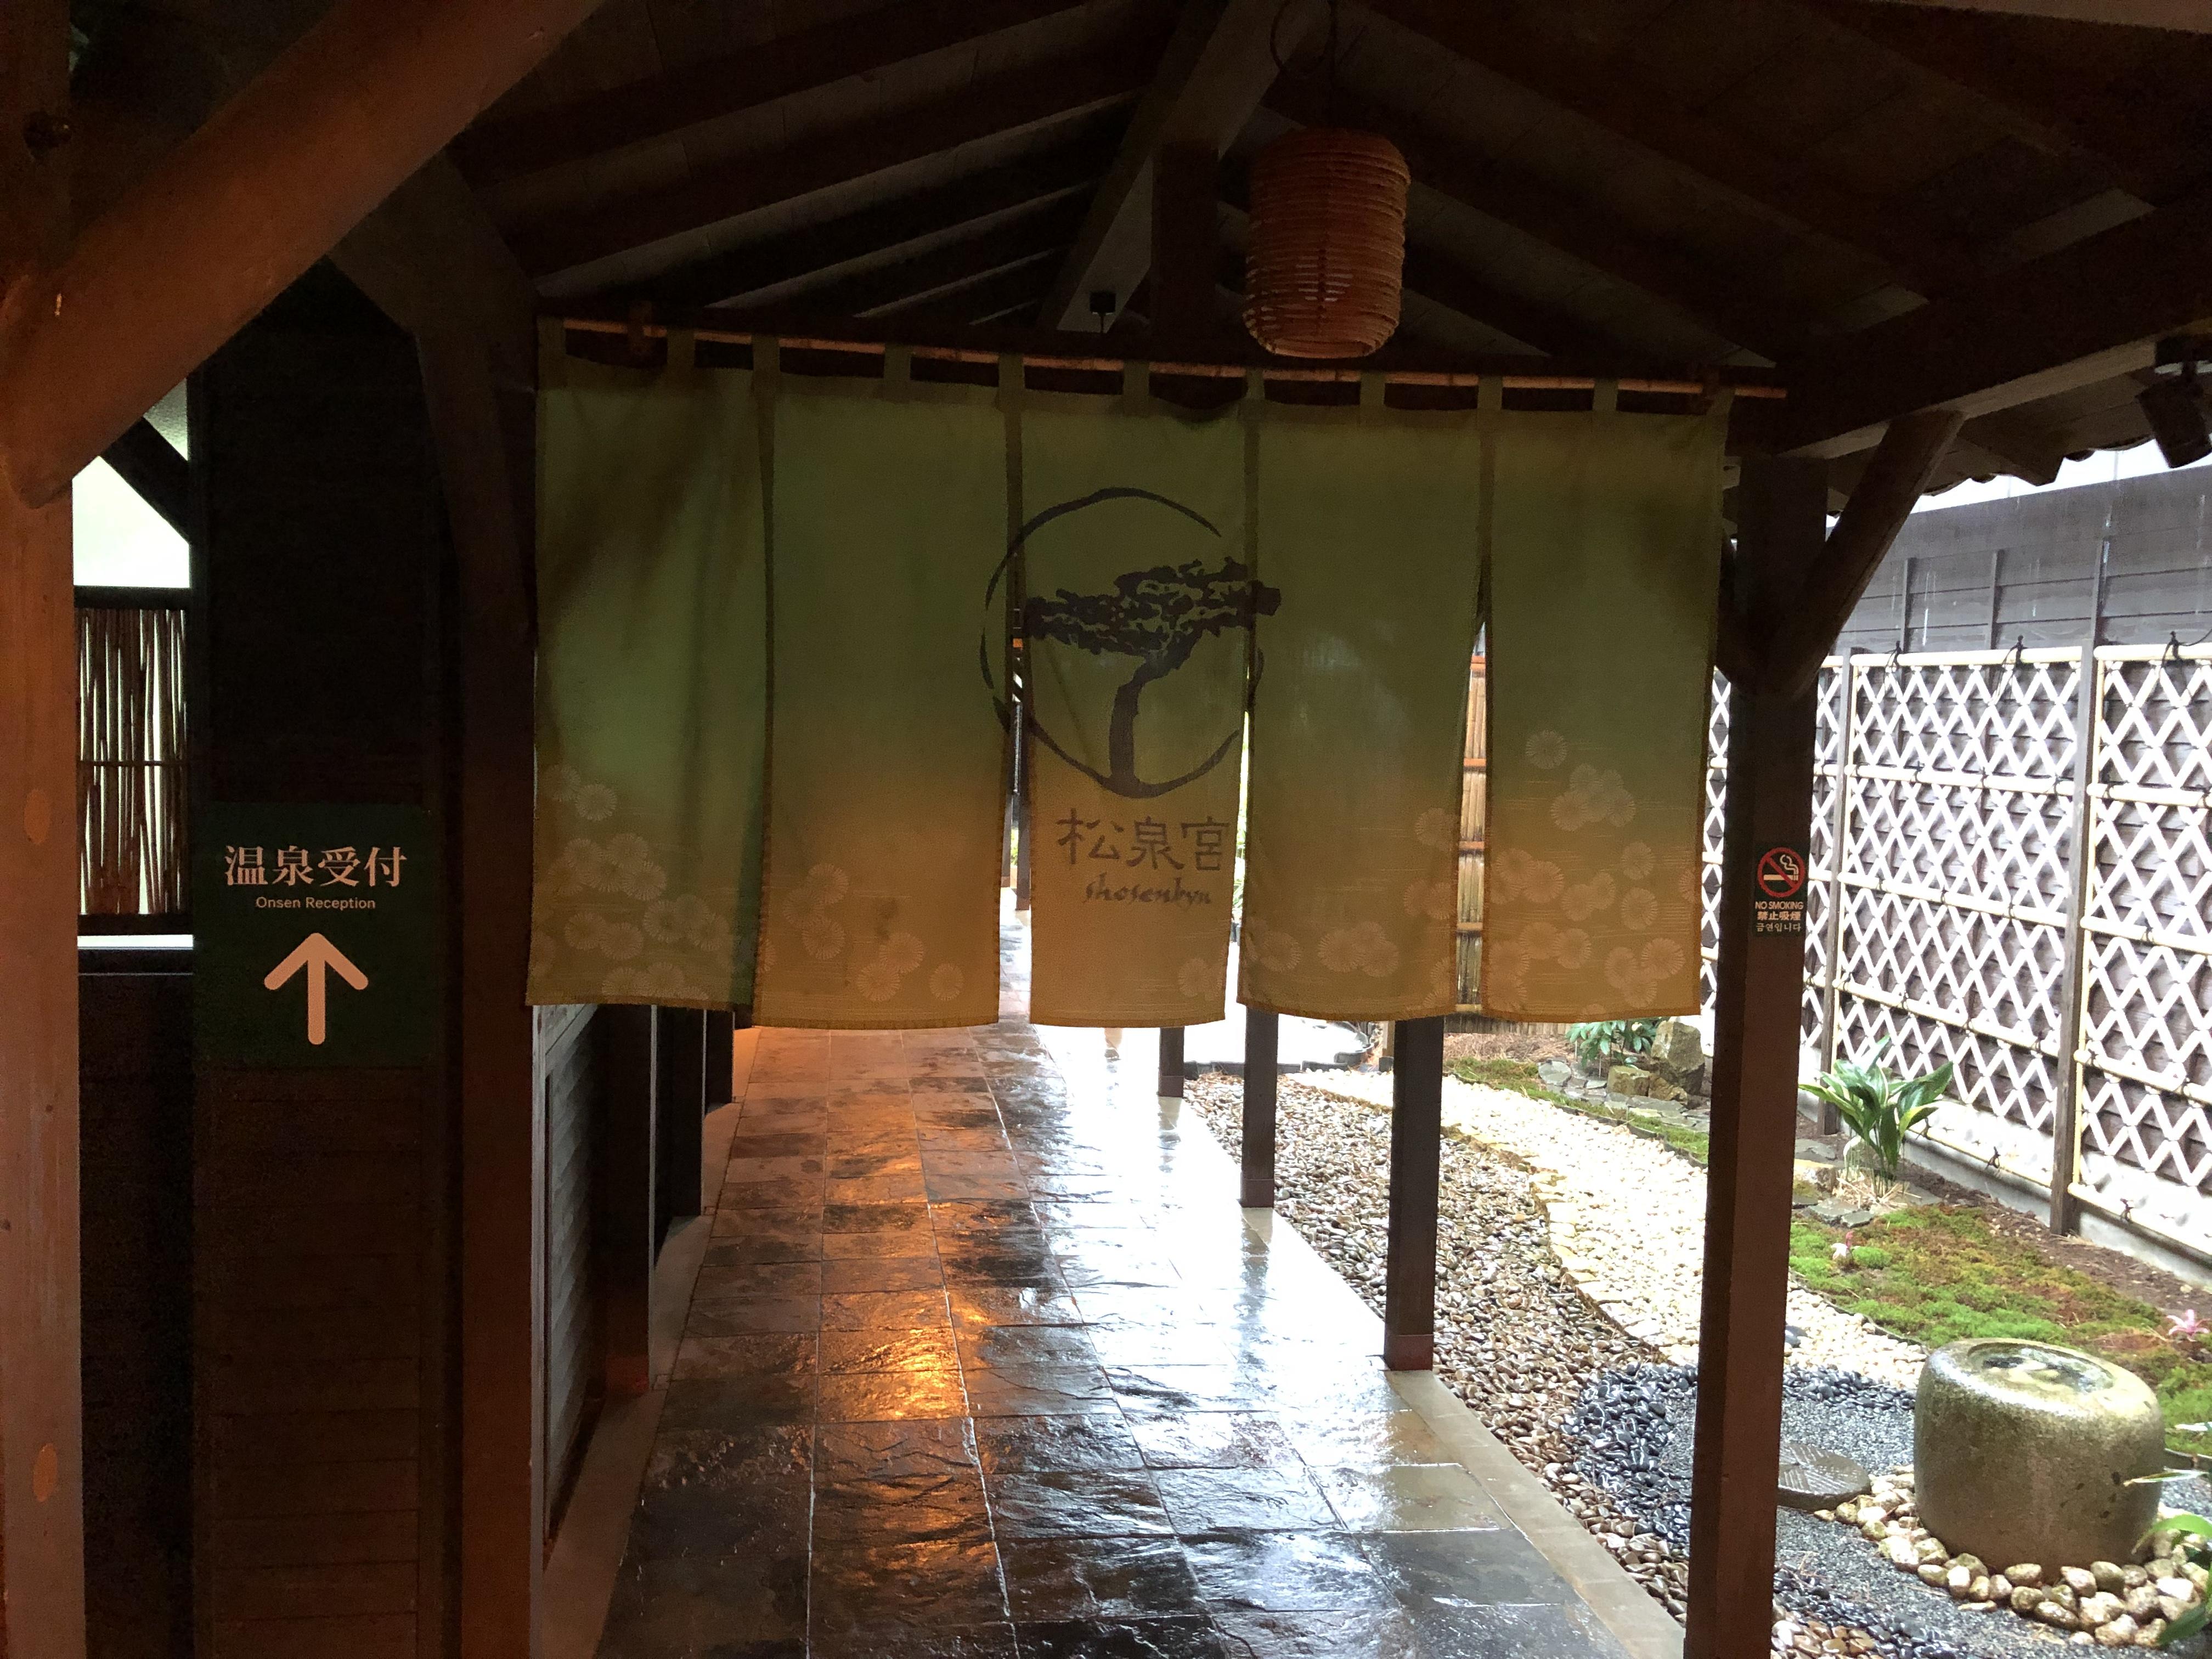 松泉宮 シェラトン・グランデ・オーシャンリゾート